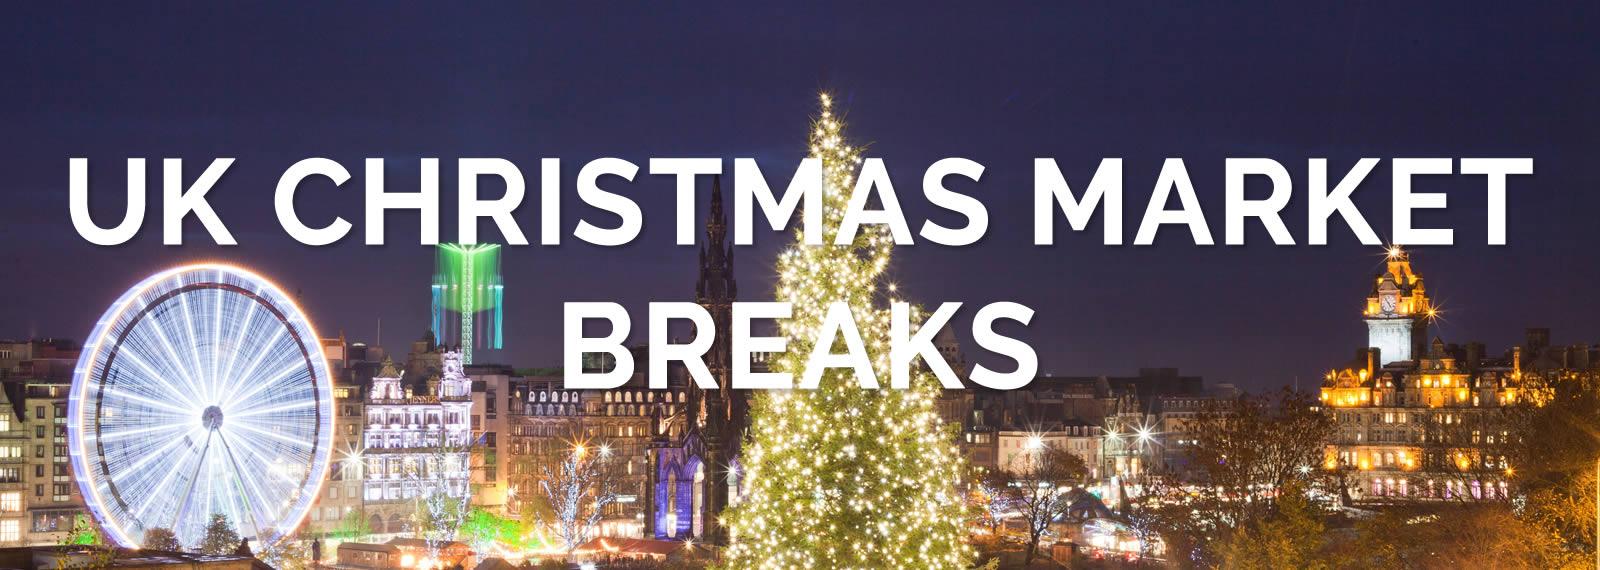 UK Christmas Market Breaks